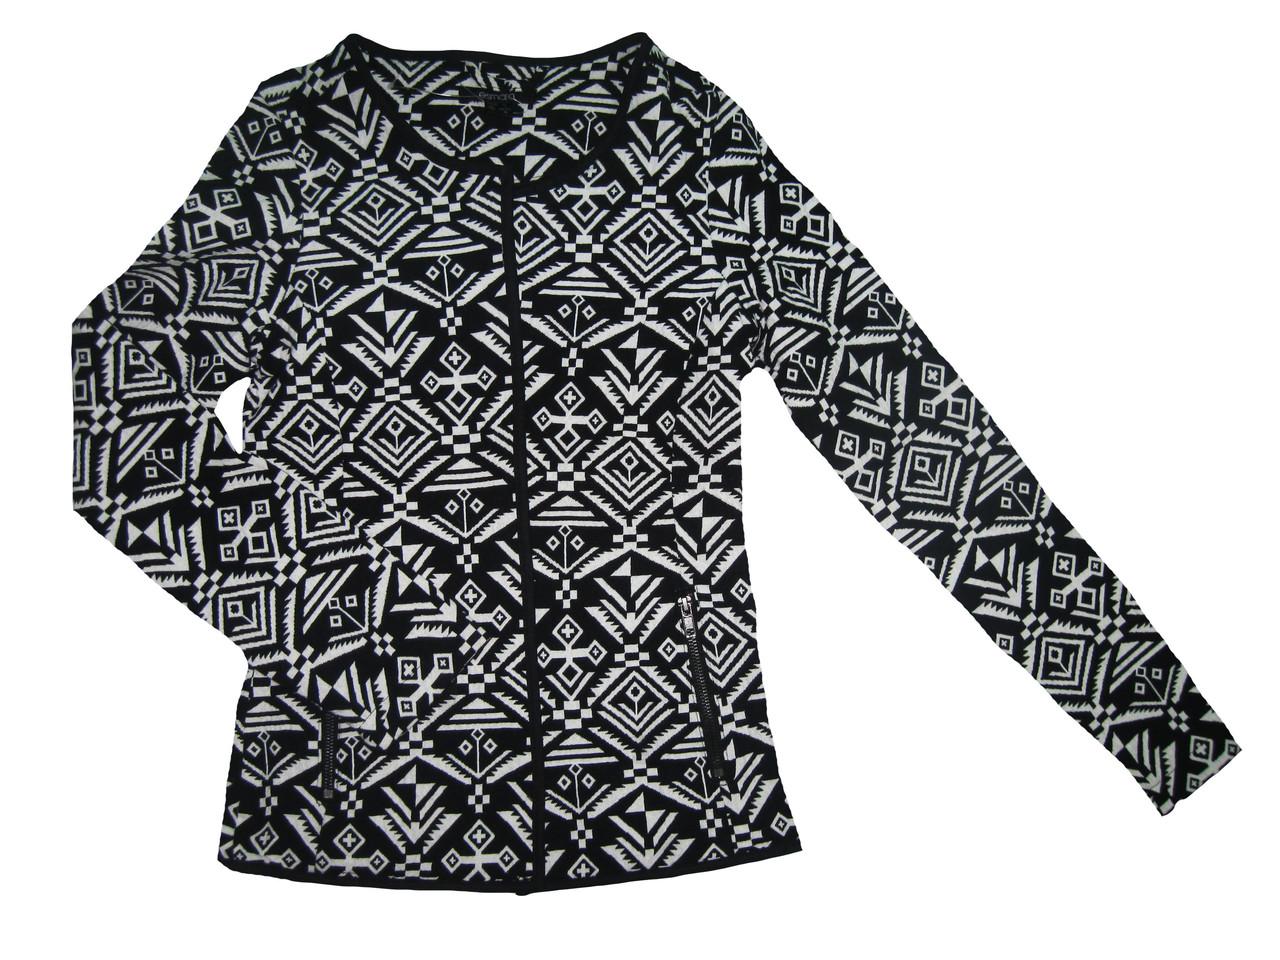 Пиджак женский, ESMARA, размеры 36, арт. Ж-160